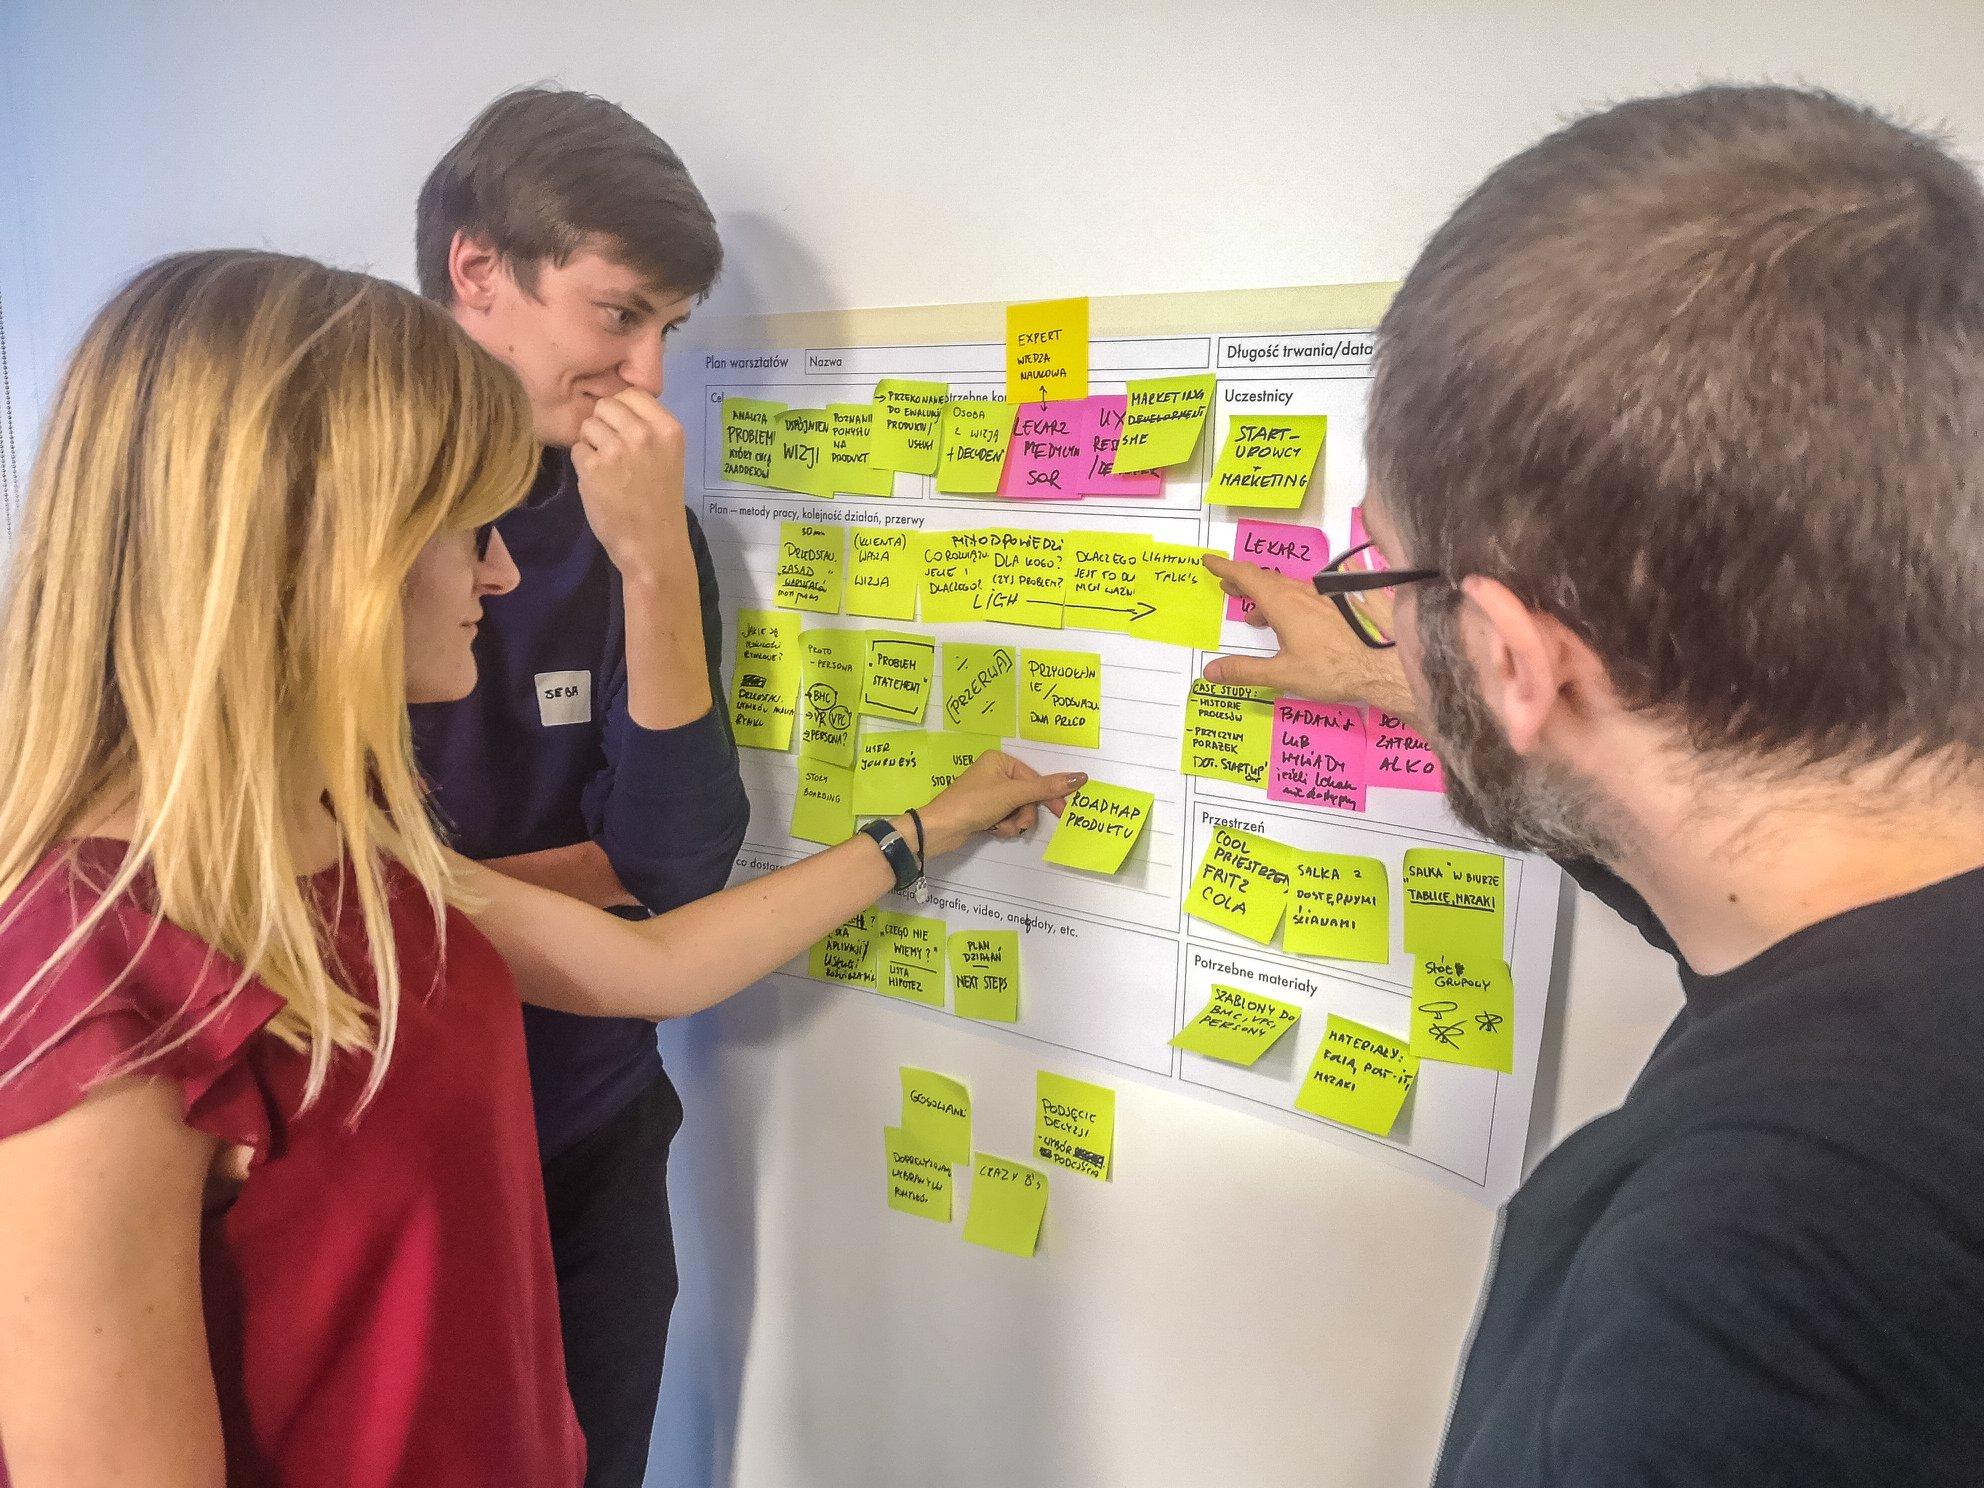 Badania User Experience - Czym są i w jakim celu warto je robić?